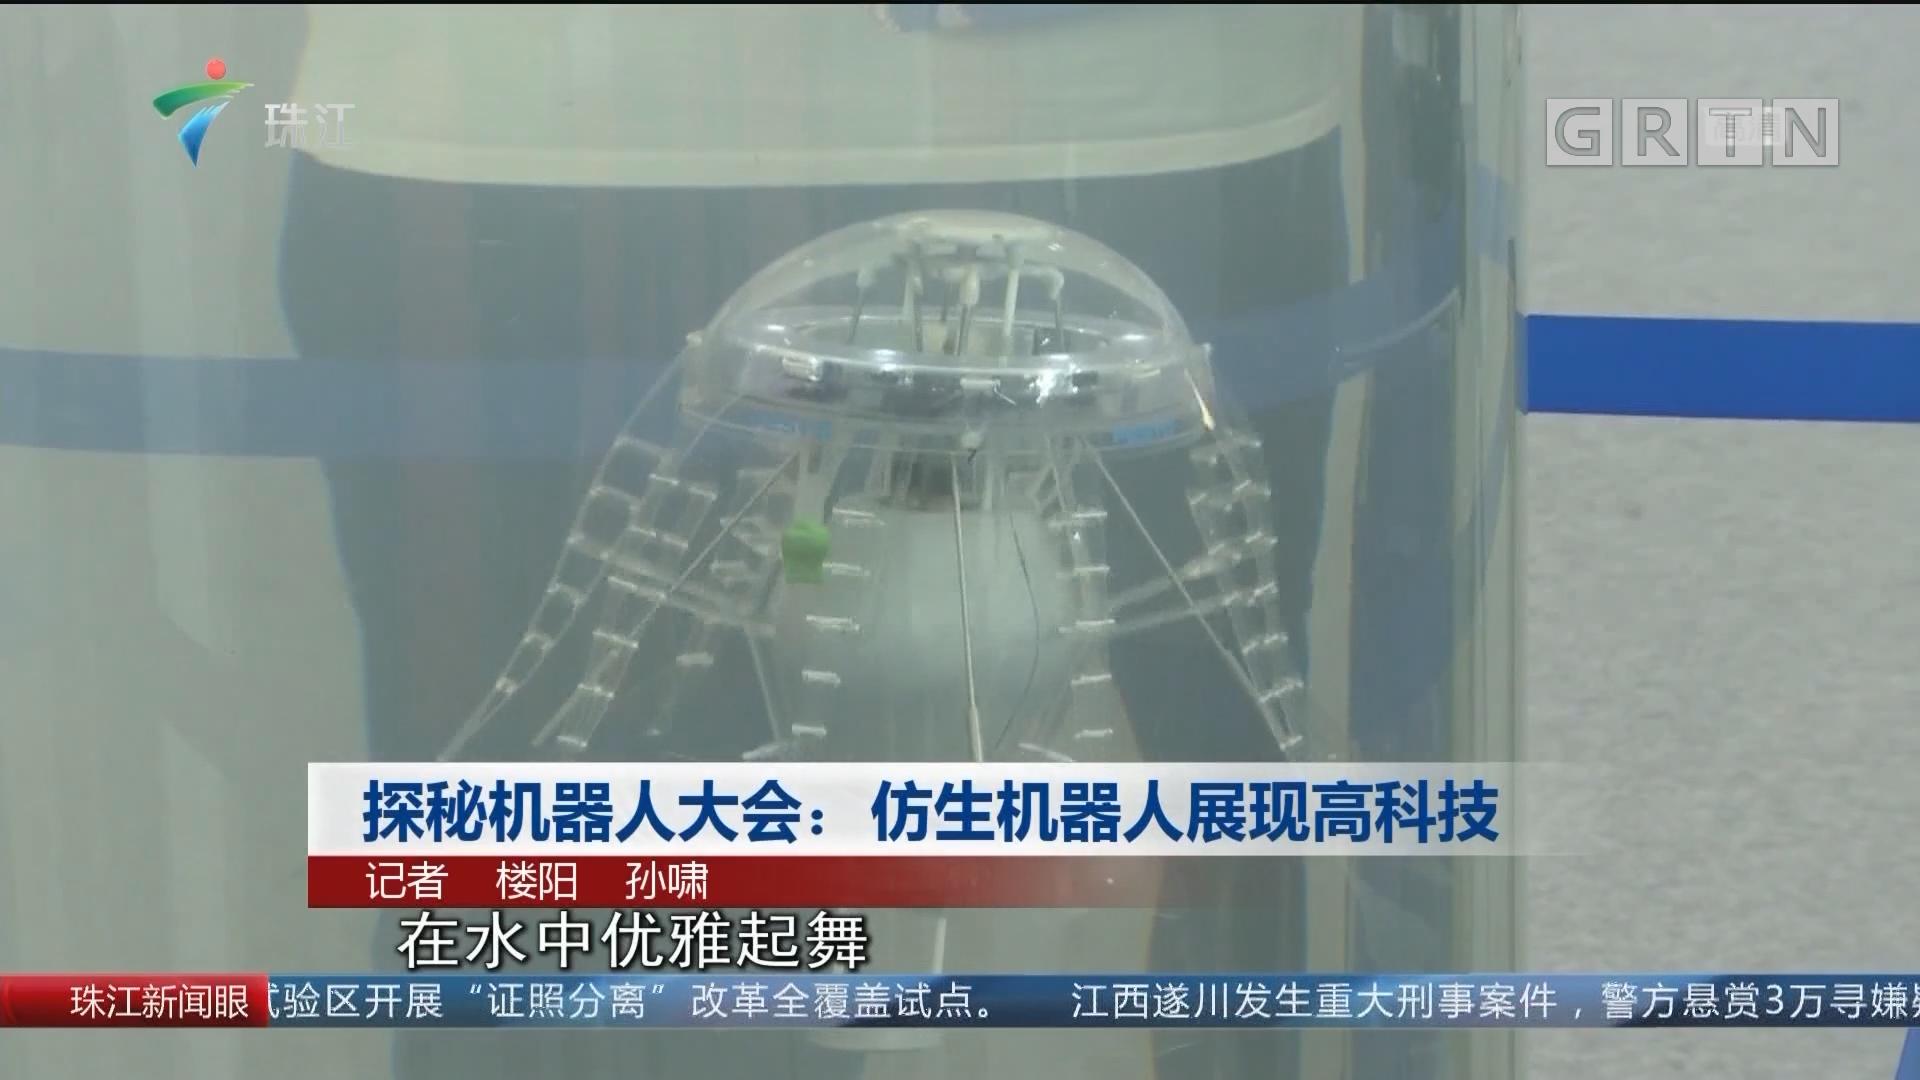 探秘机器人大会:仿生机器人展现高科技